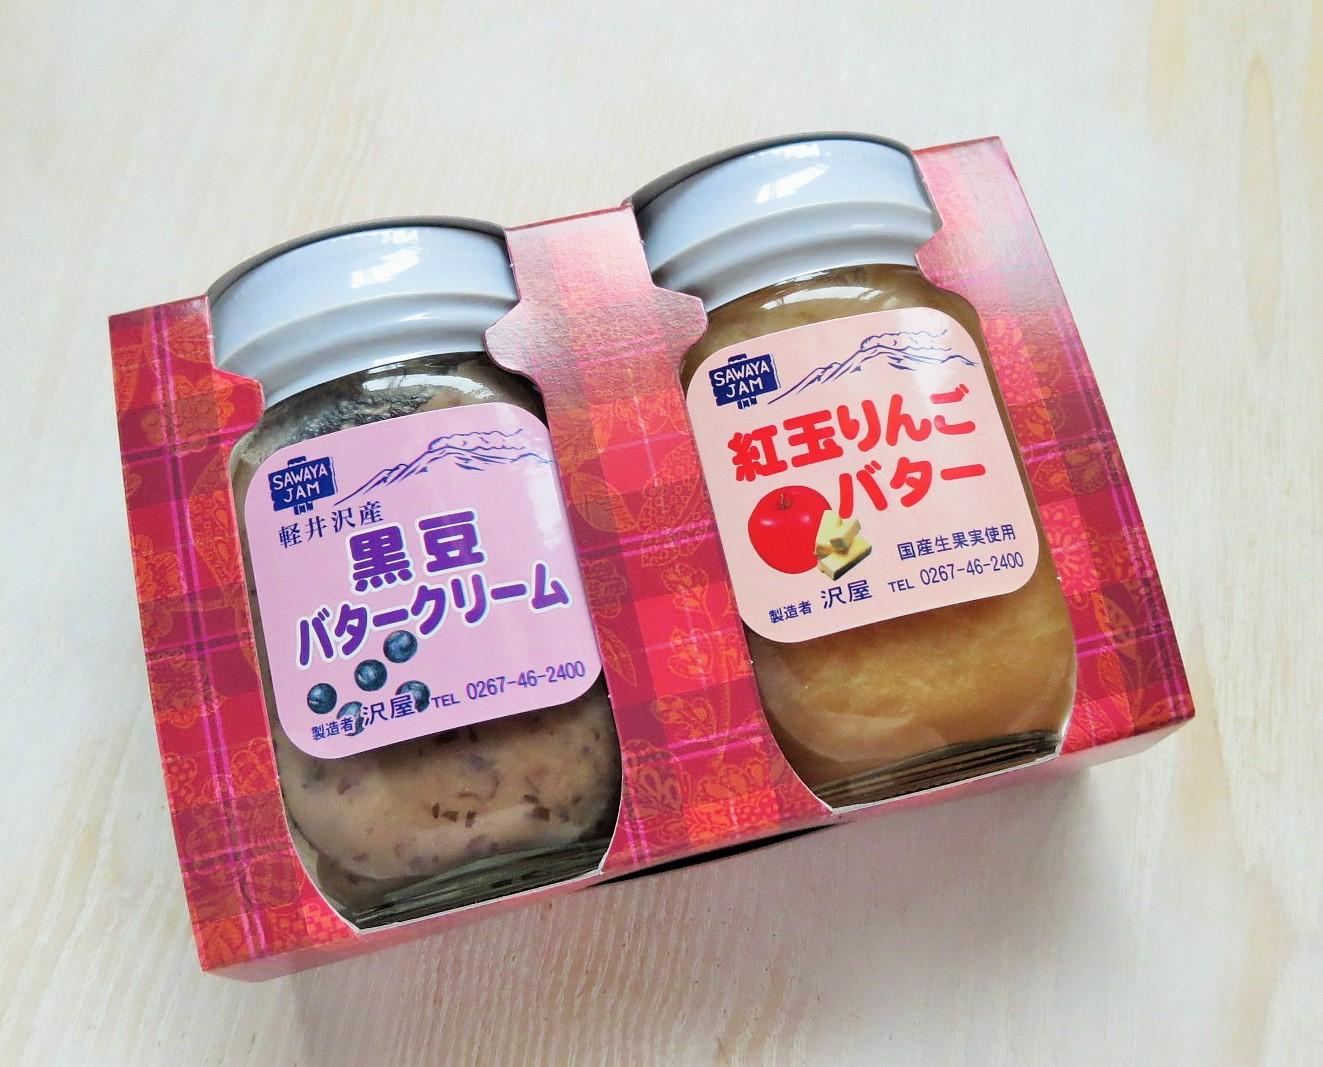 軽井沢限定☆沢屋の黒豆バタークリーム・紅玉りんごバター_f0236260_19201657.jpg